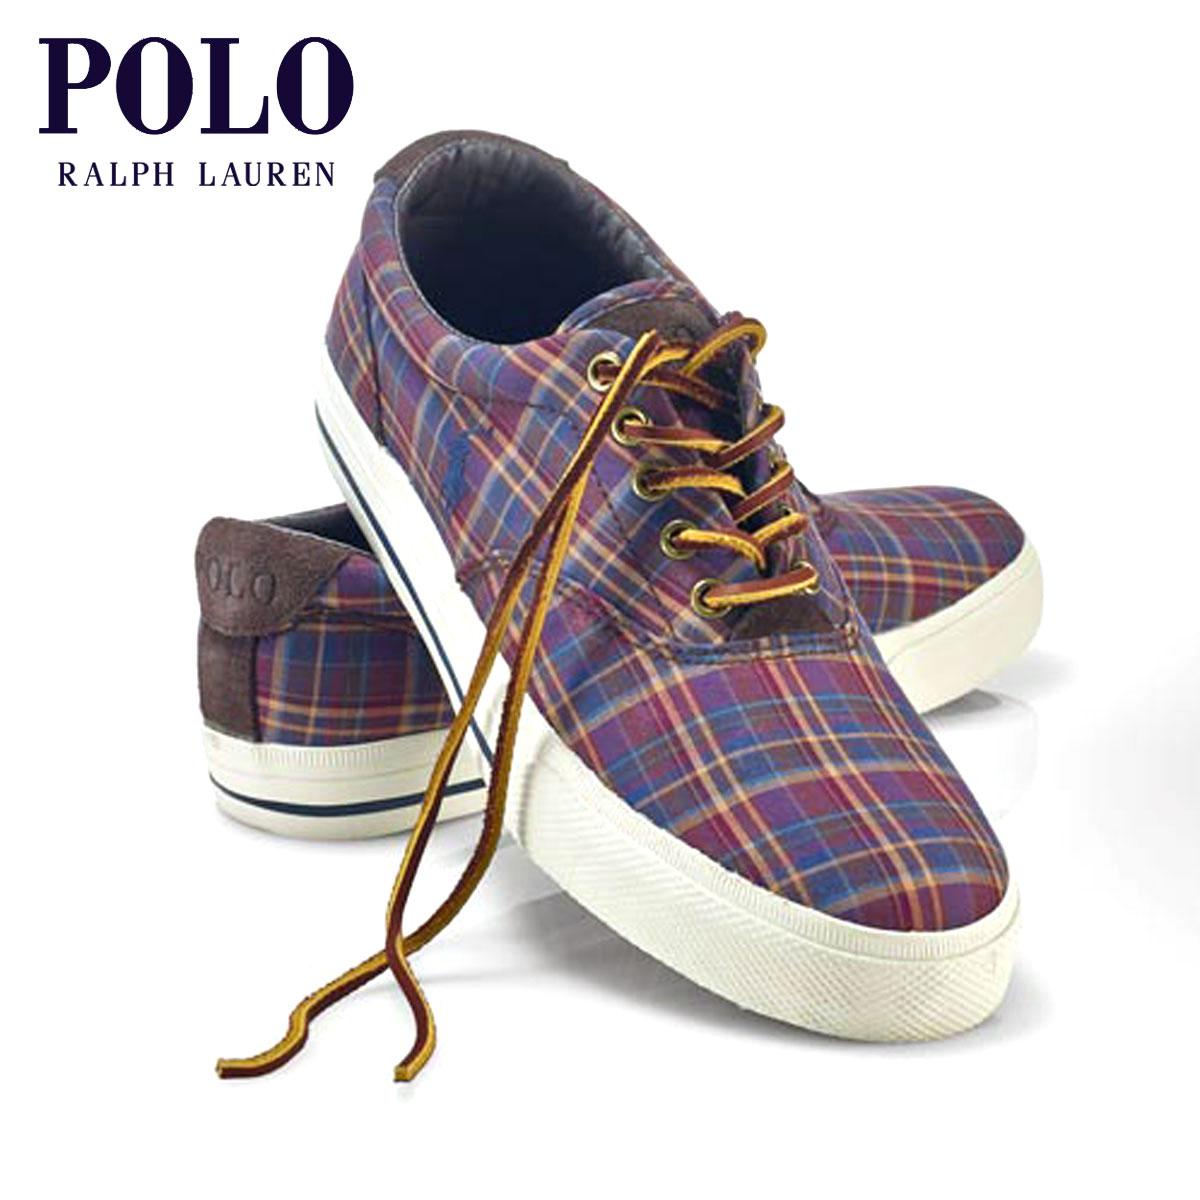 ポロ ラルフローレン POLO RALPH LAUREN 正規品 メンズ 靴 シューズ PLAID TWILL VAUGHN SNEAKER D00S20